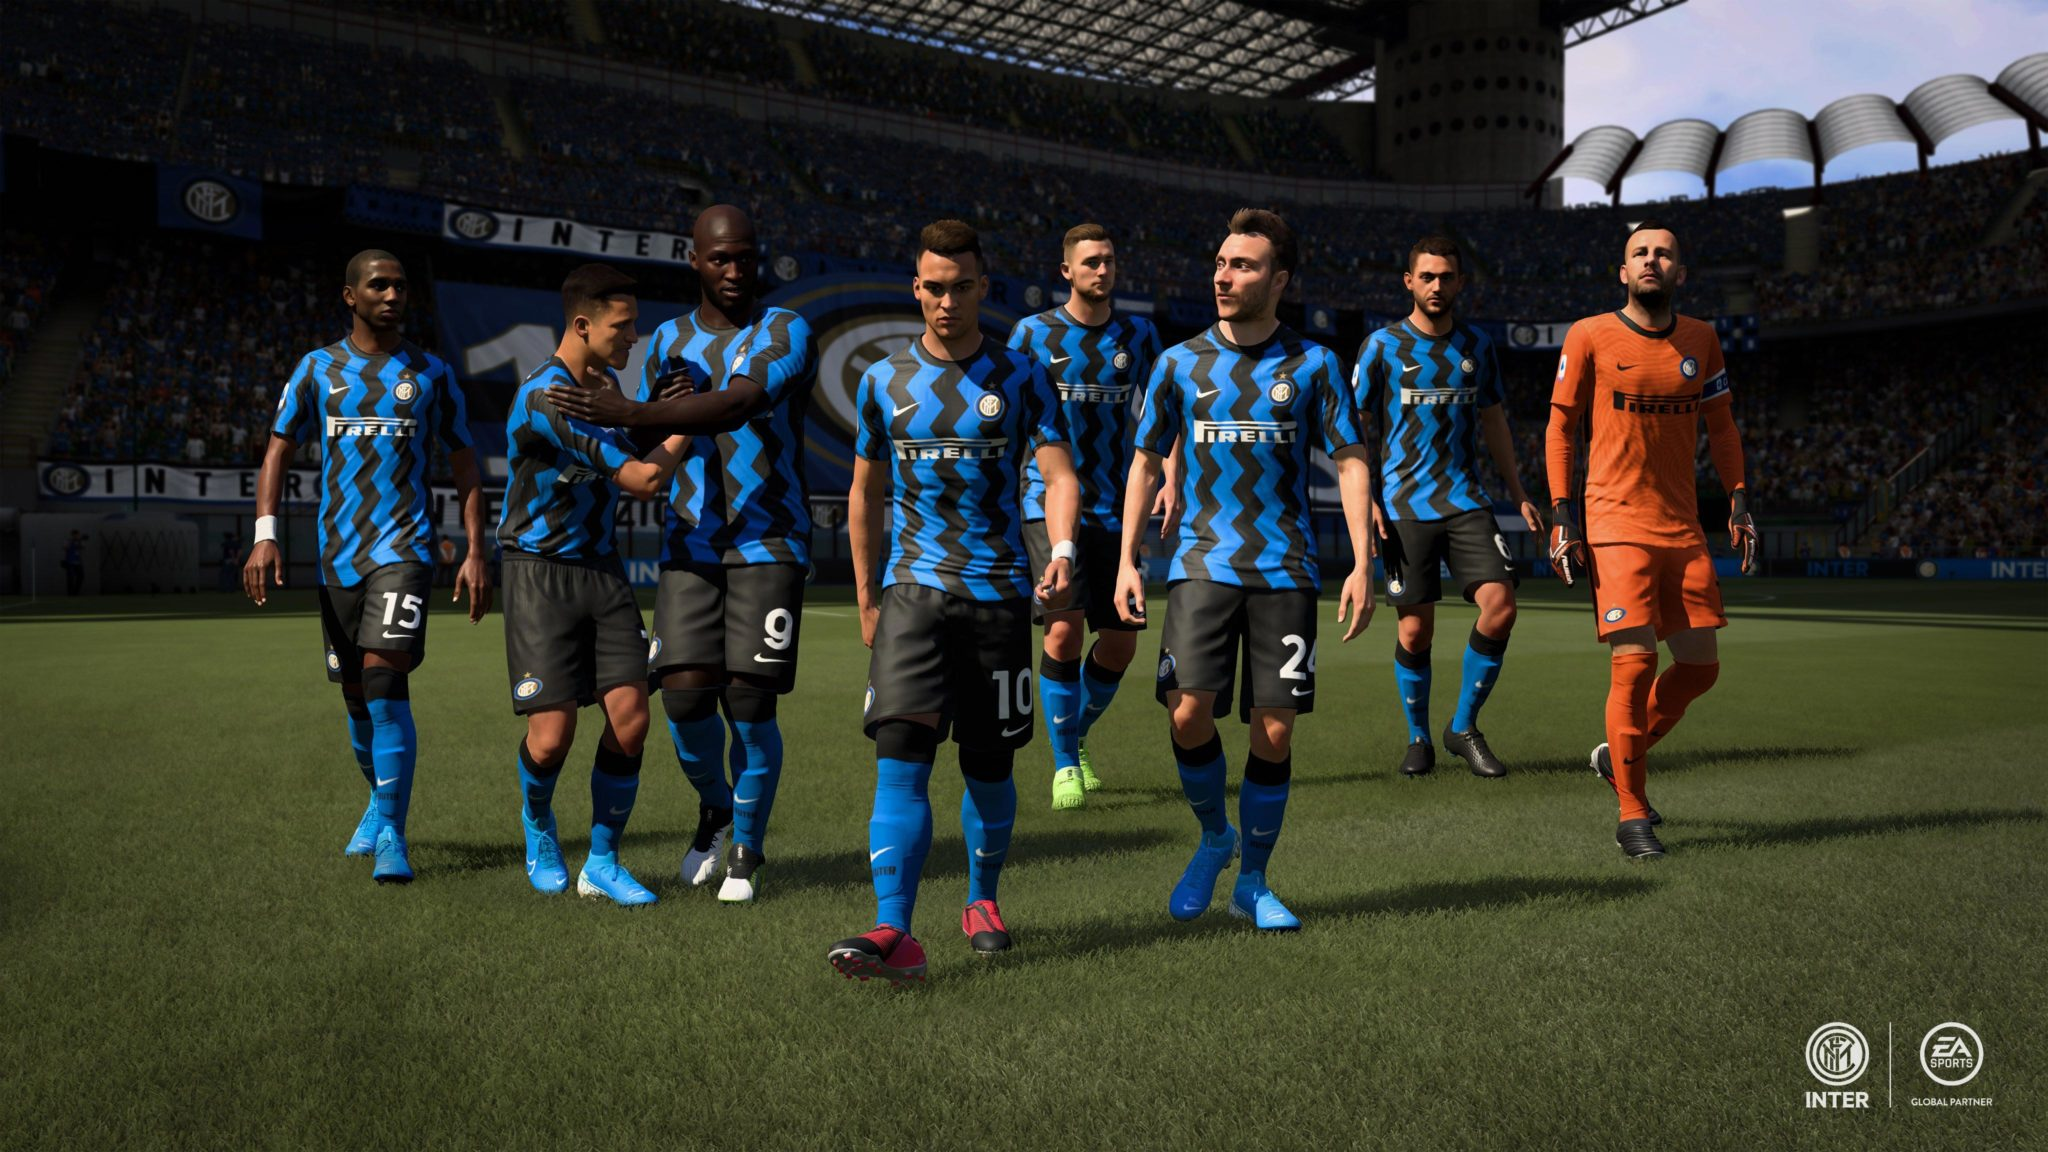 FIFA 21 Inter Milan team